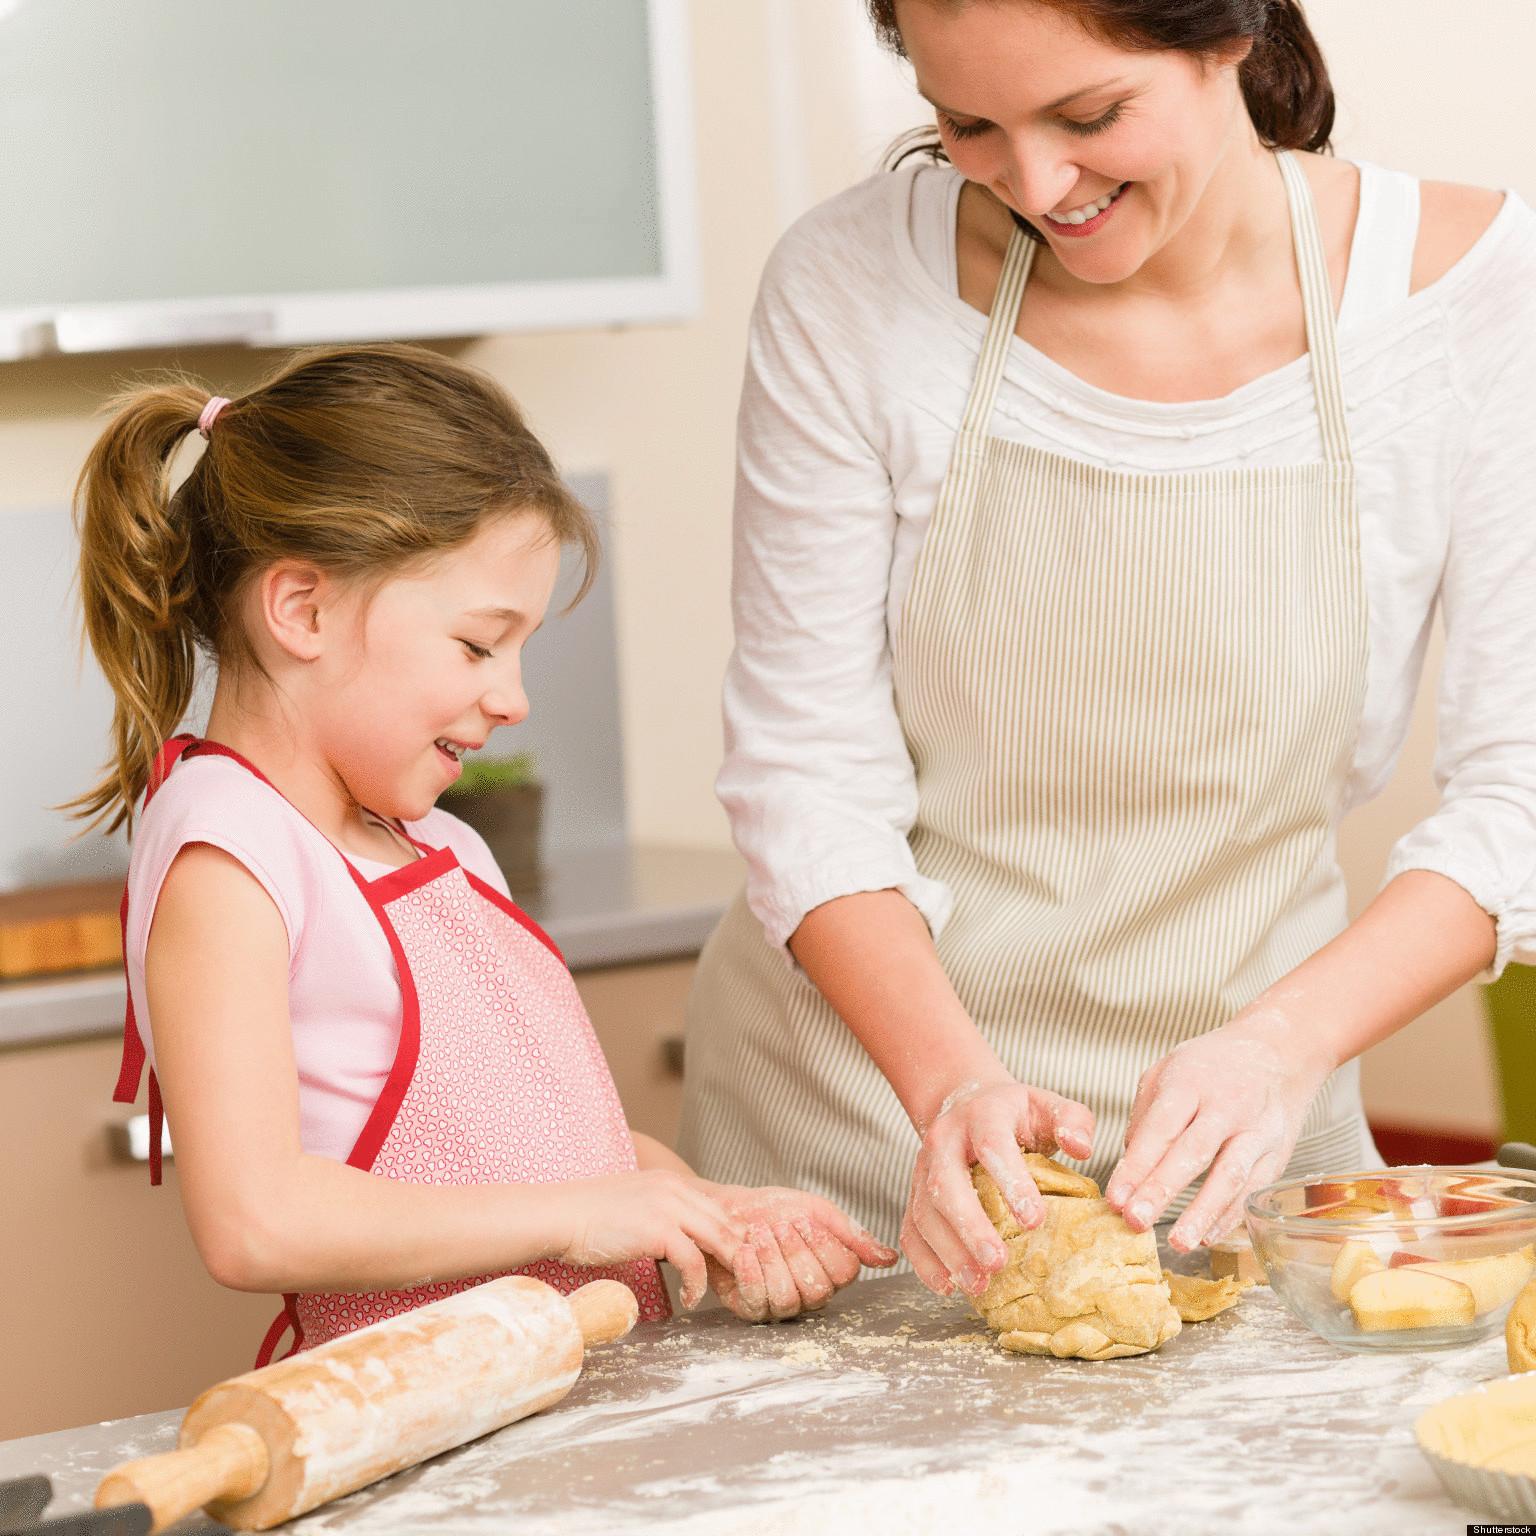 Что умеют делать дети лучше чем взрослые